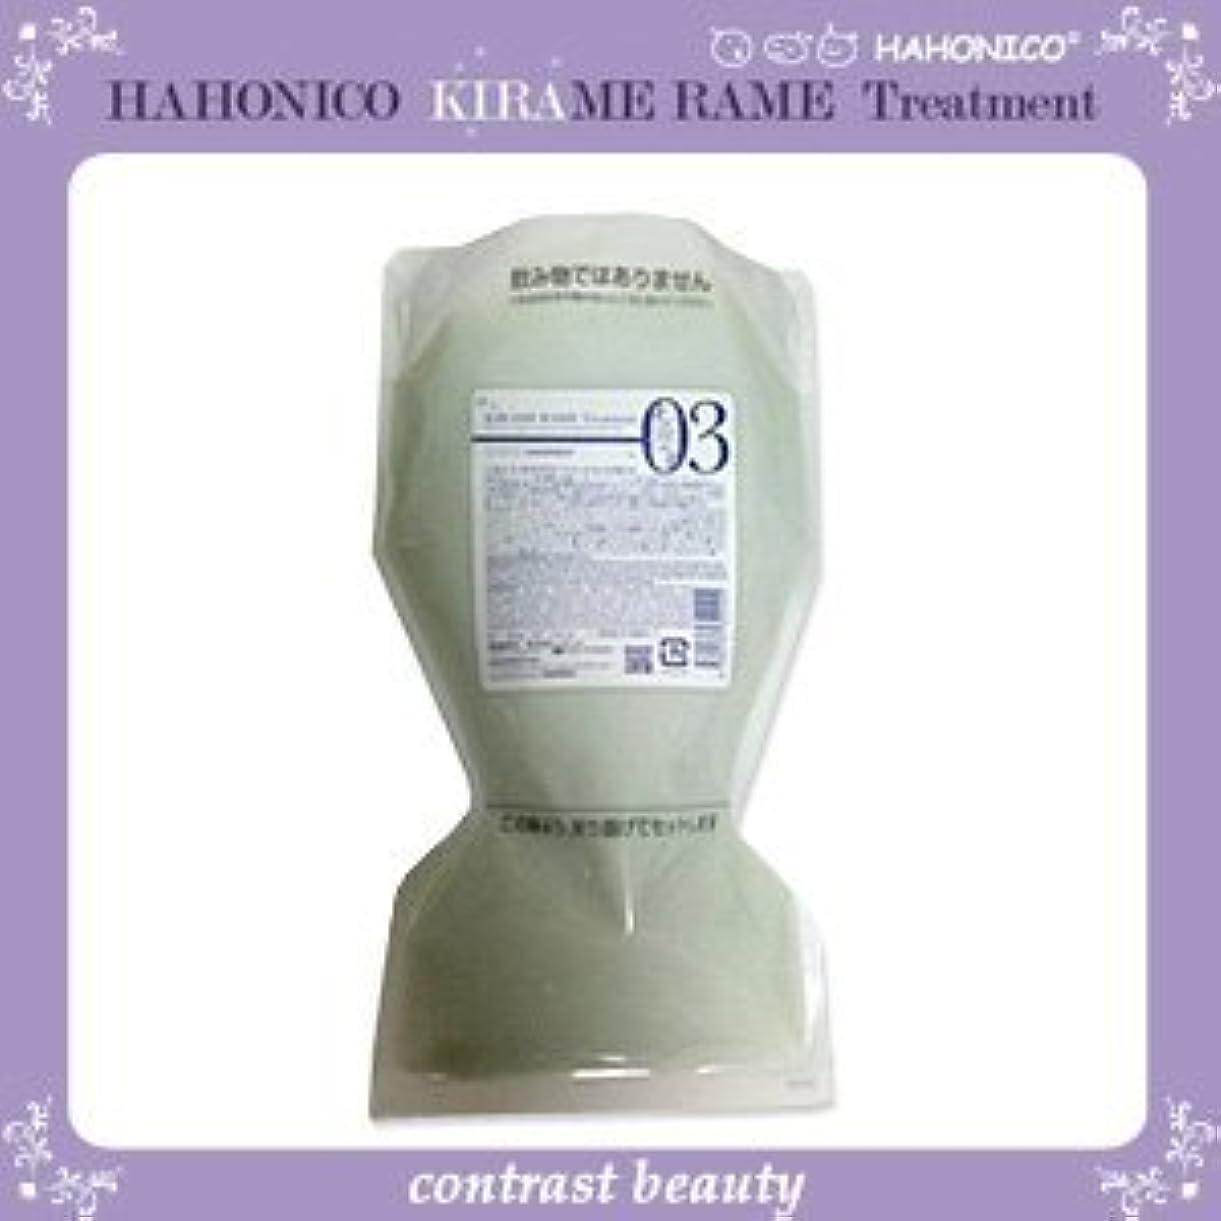 くさび廃棄先ハホニコ キラメラメ トリートメントNo.3 500g(詰め替え) KIRAME RAME HAHONICO